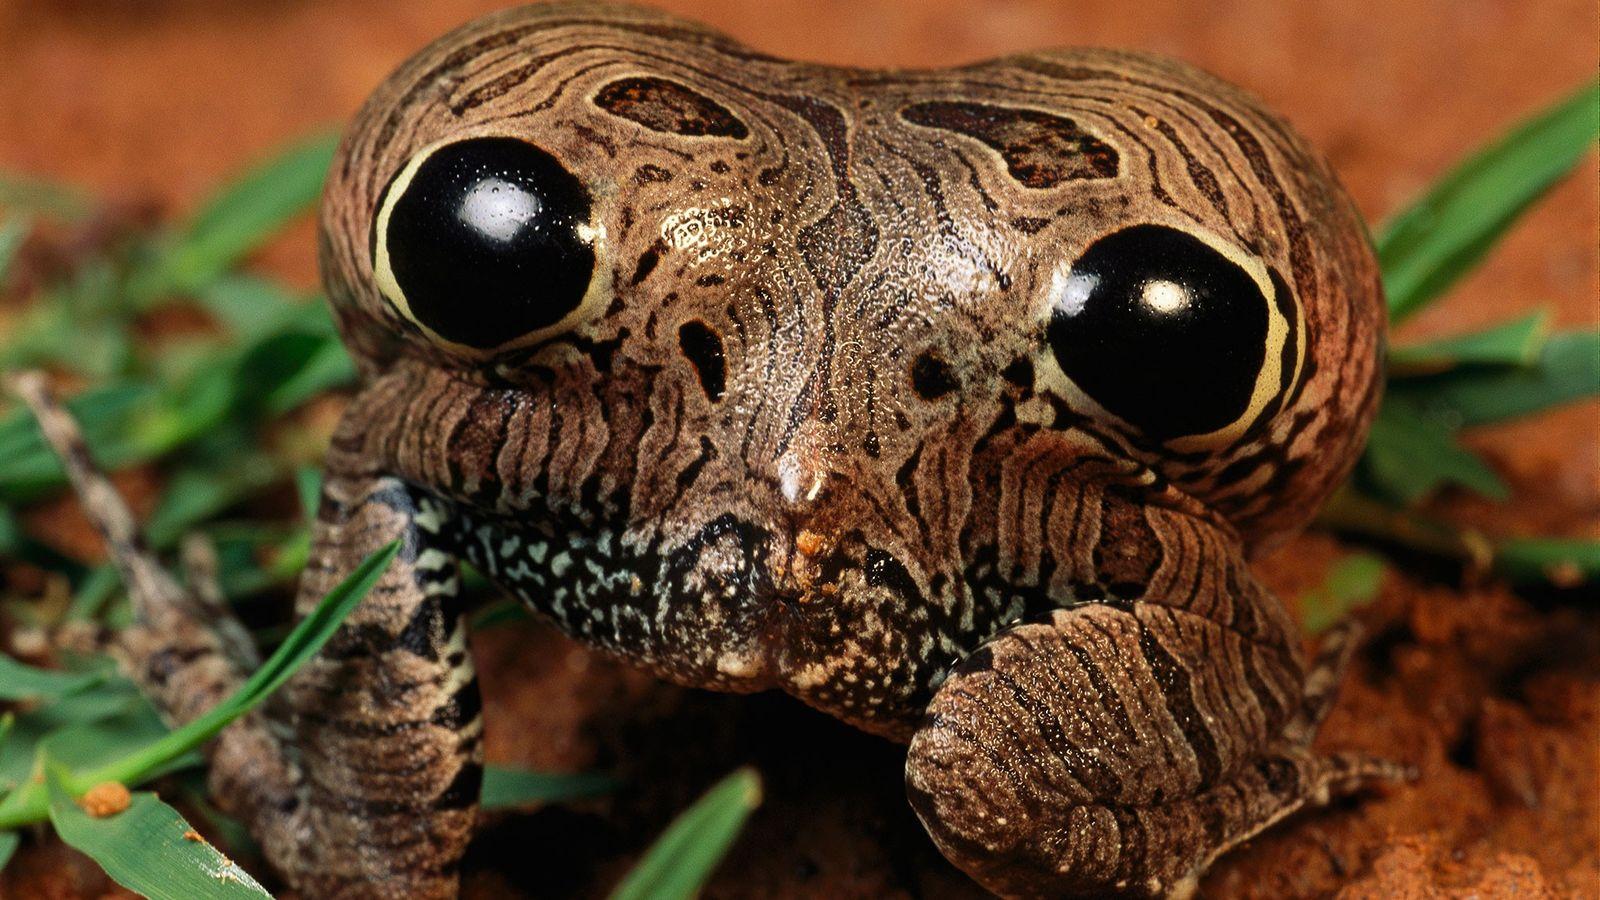 La grenouille naine de Cubaya gonfle son postérieur doté de faux yeux pour effrayer les prédateurs.